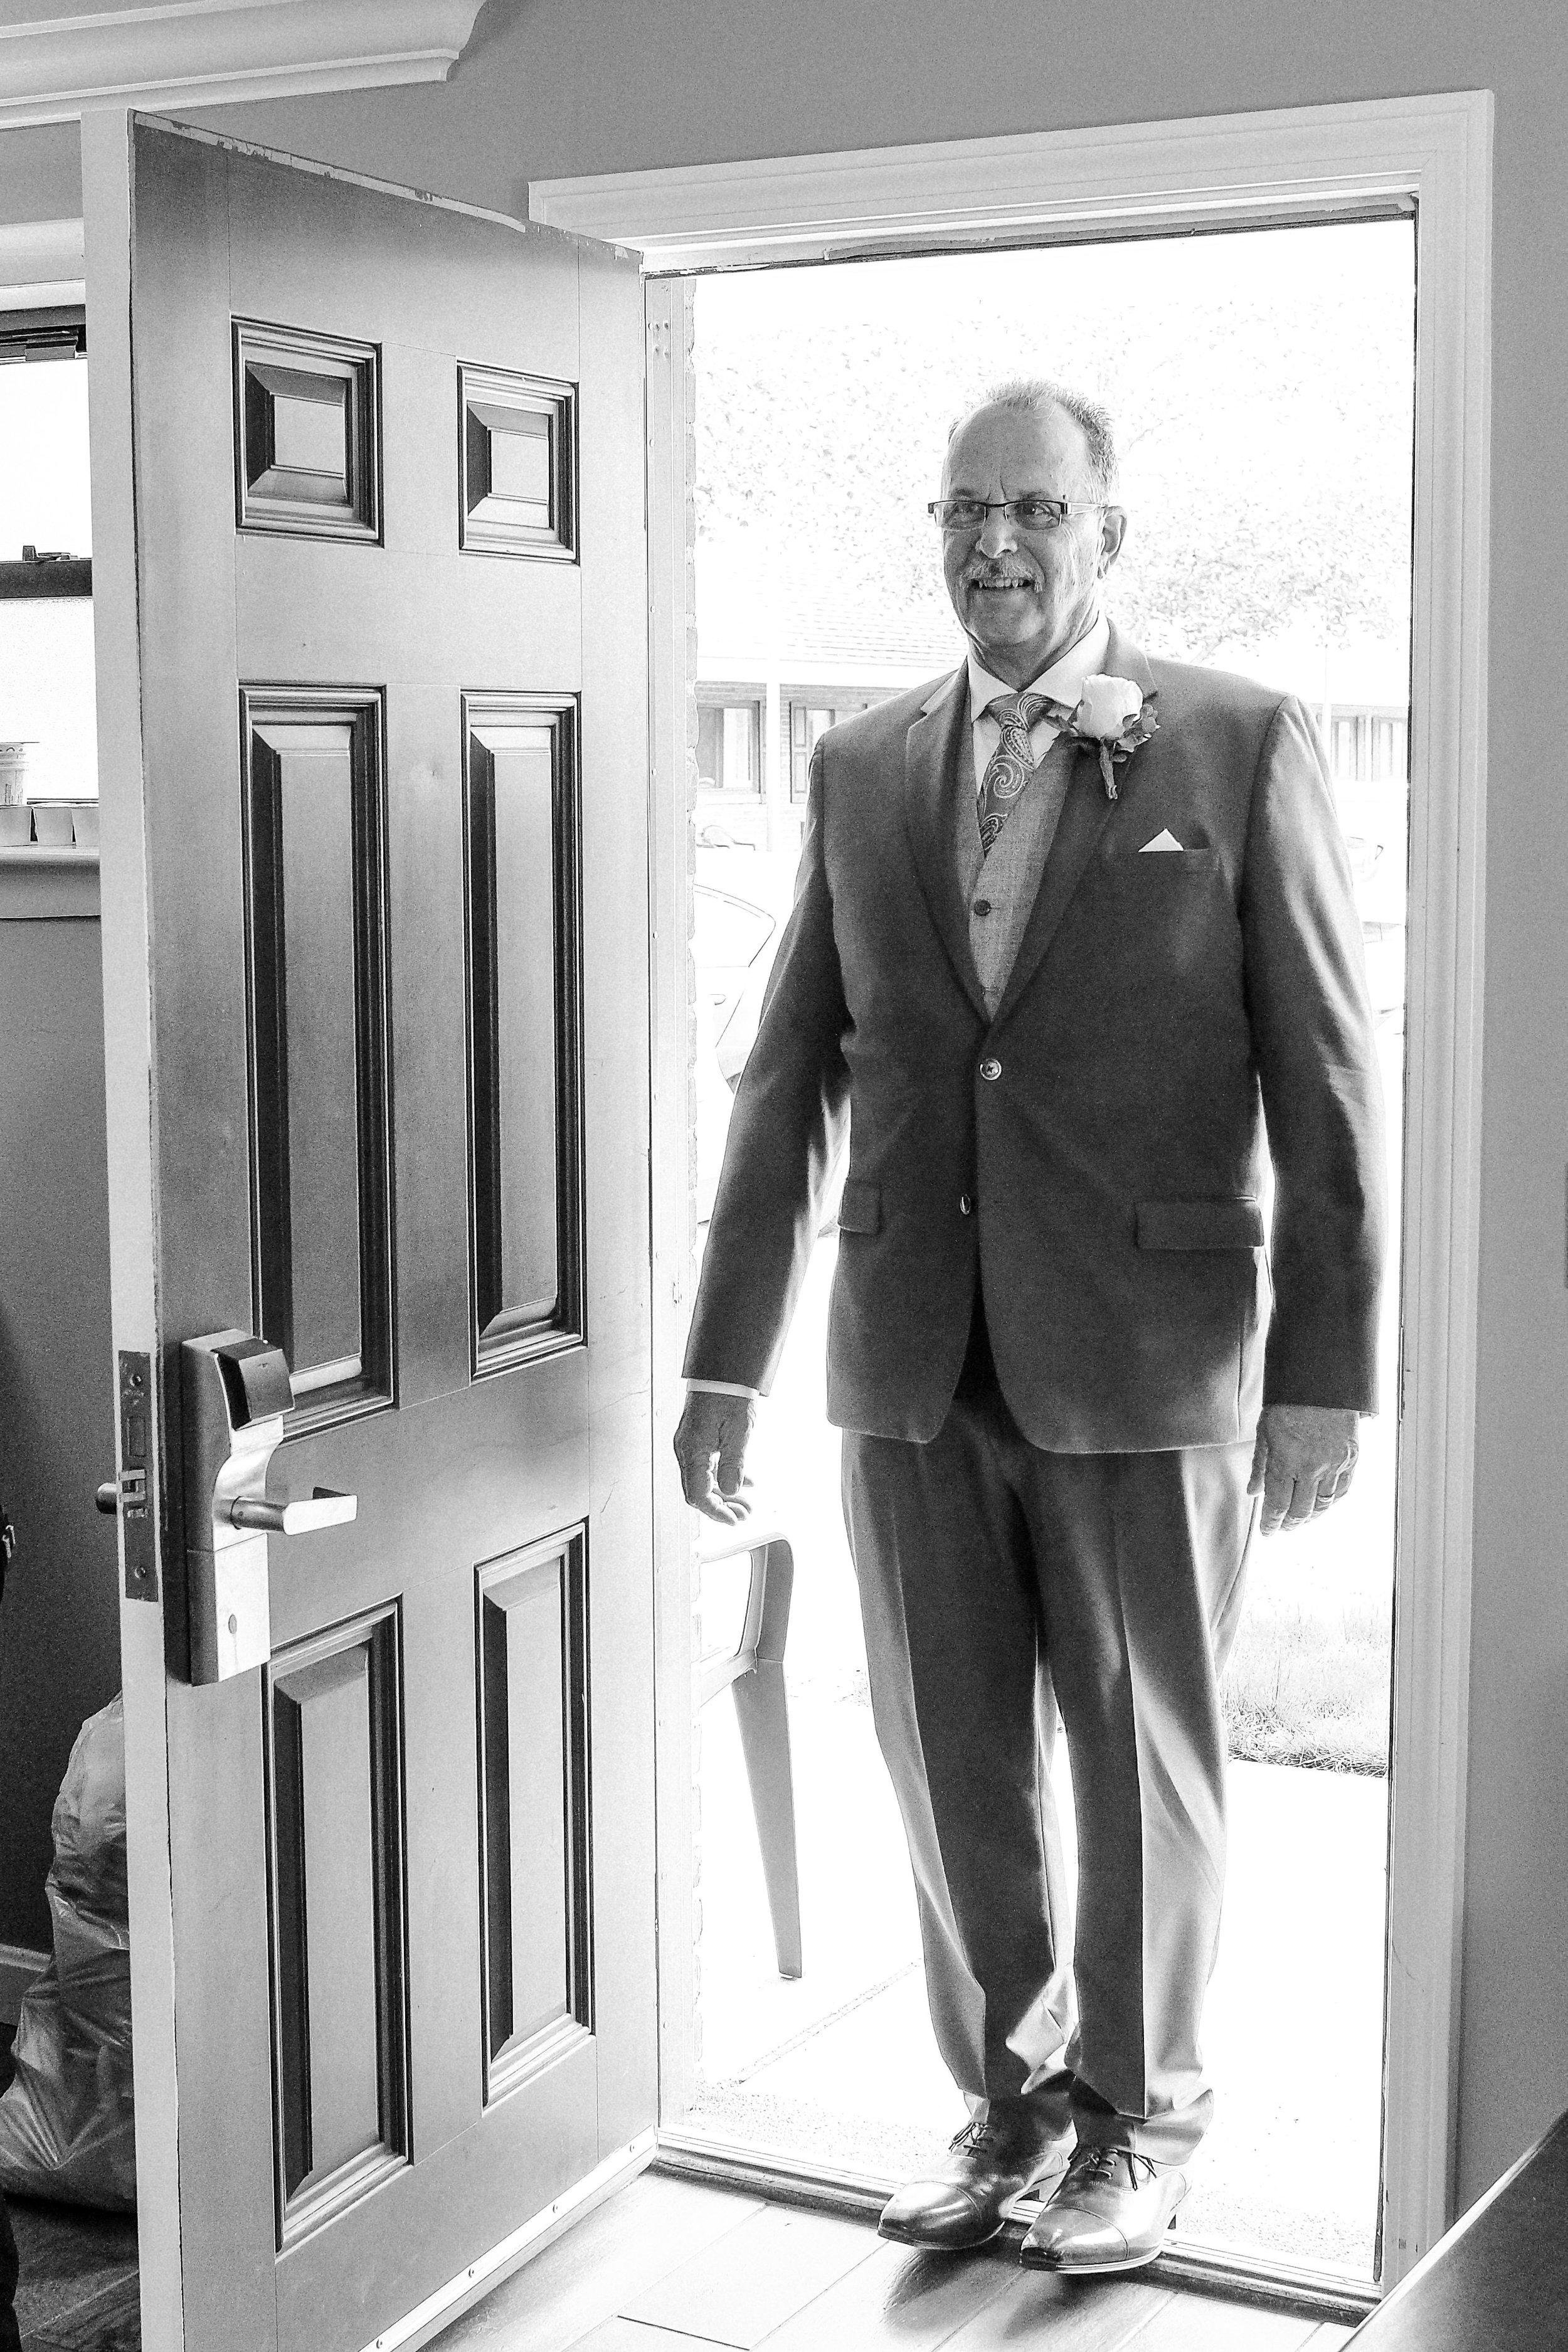 laconia-margate-wedding-photography-154.jpg